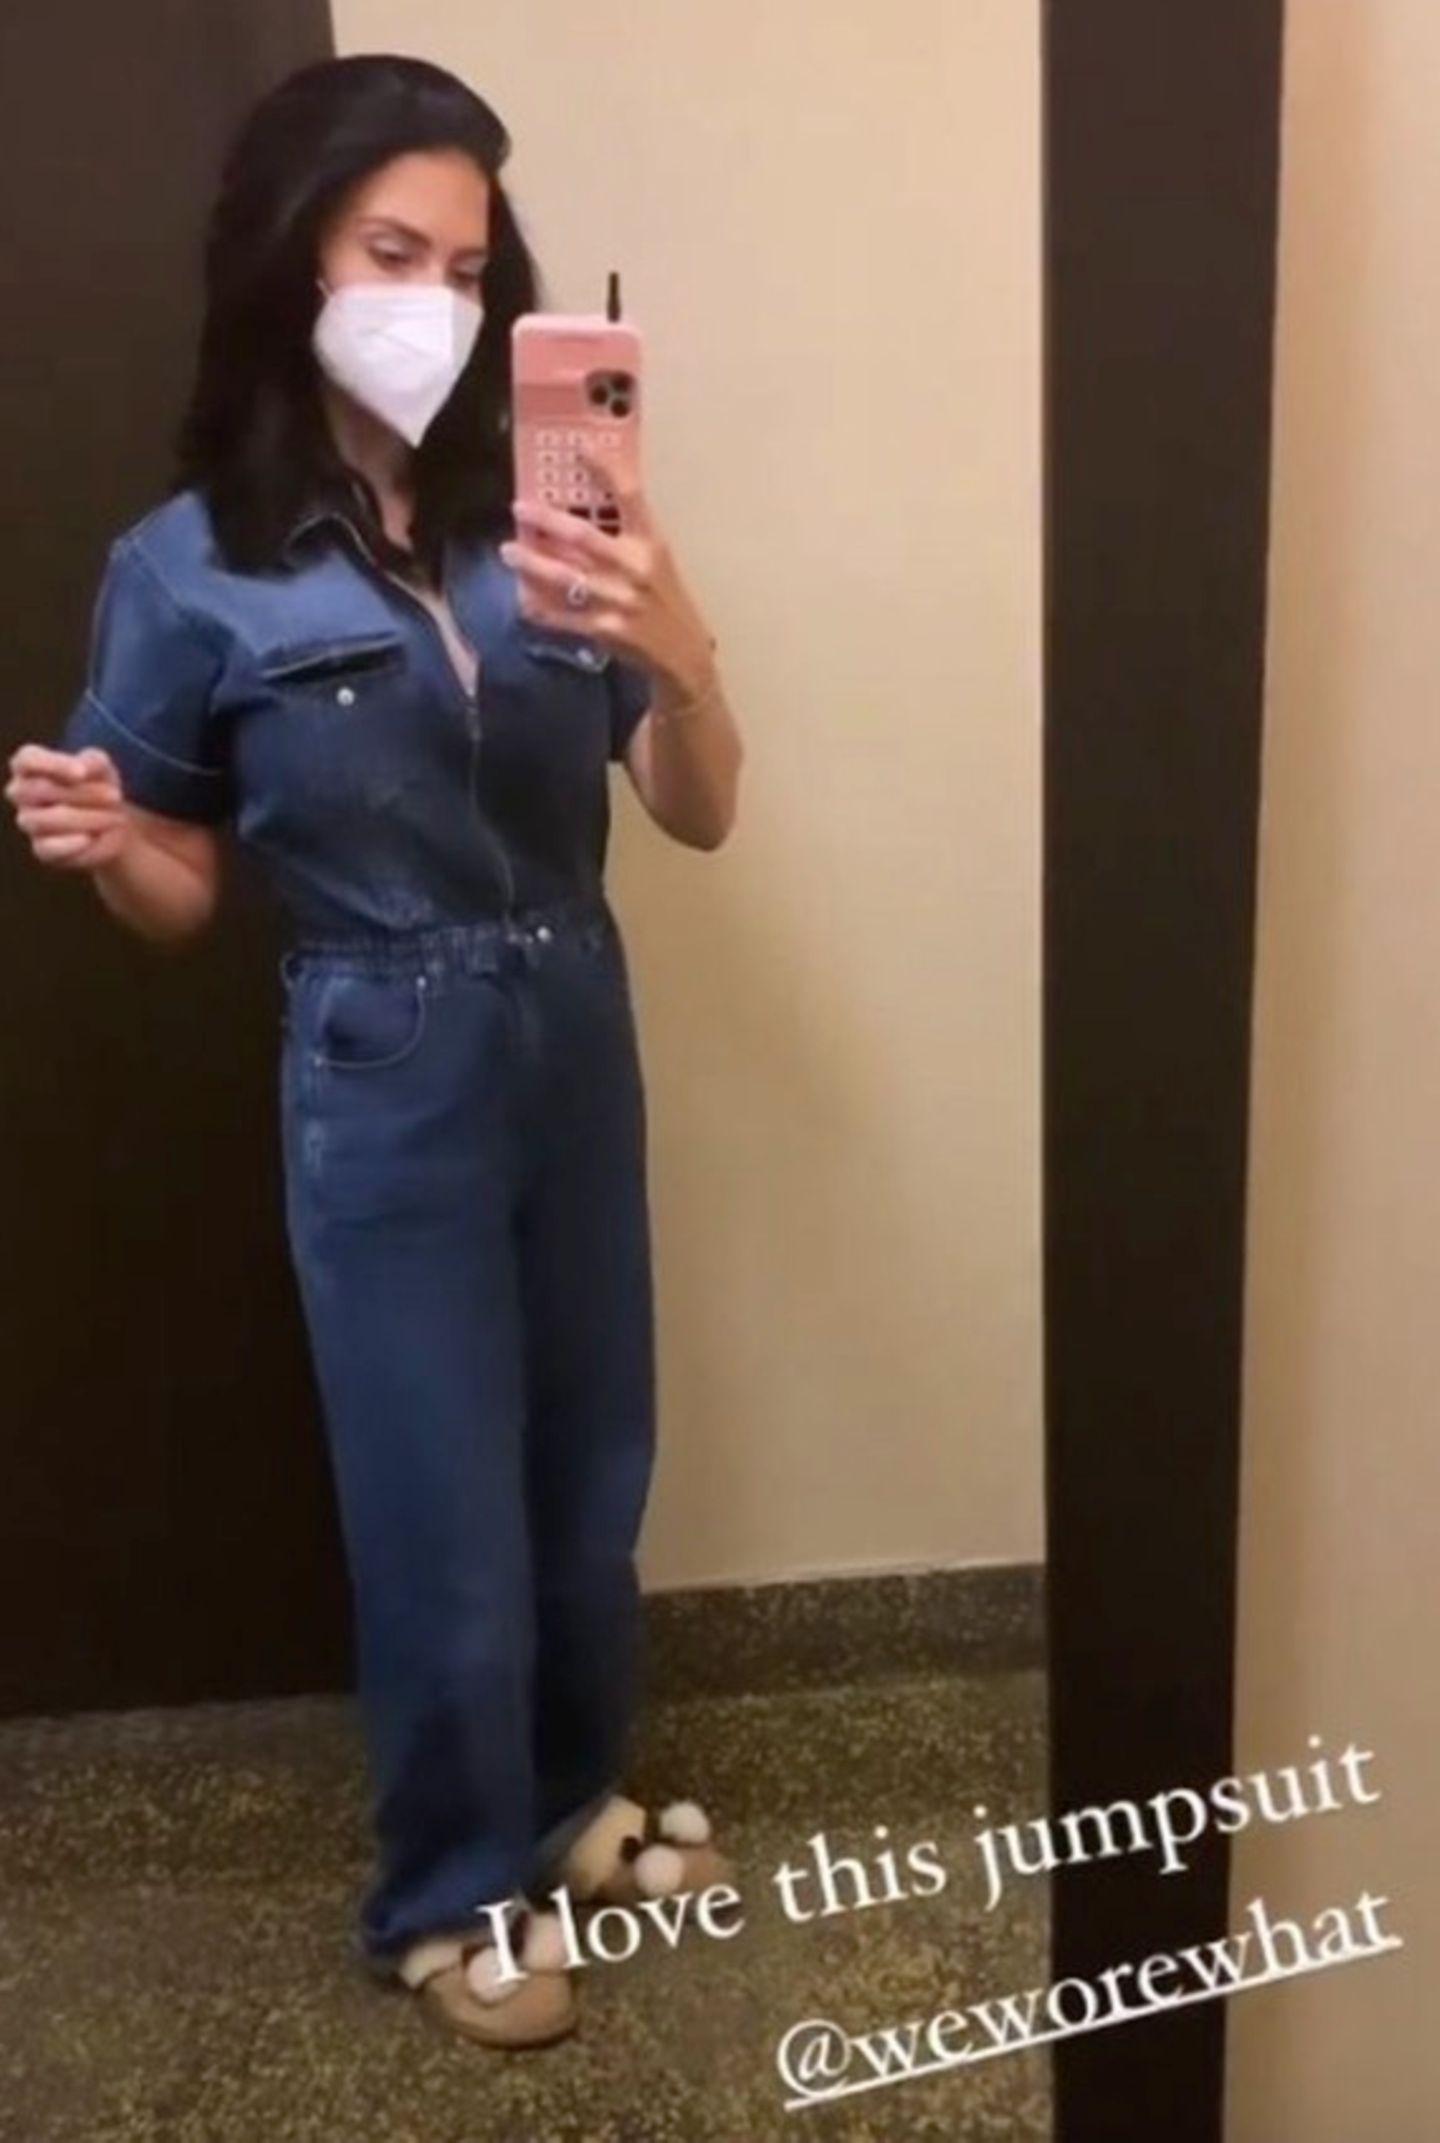 ... überrascht uns die 36-Jährige mit dieser Aufnahme: In einem Jeans-Overall präsentiert Hilaria ihre schmale Taille - zwei Monate (!) nach der Geburt. Ihr Workout seien ihre Kids, verriet die Fünffach-Mama auf Instagram.